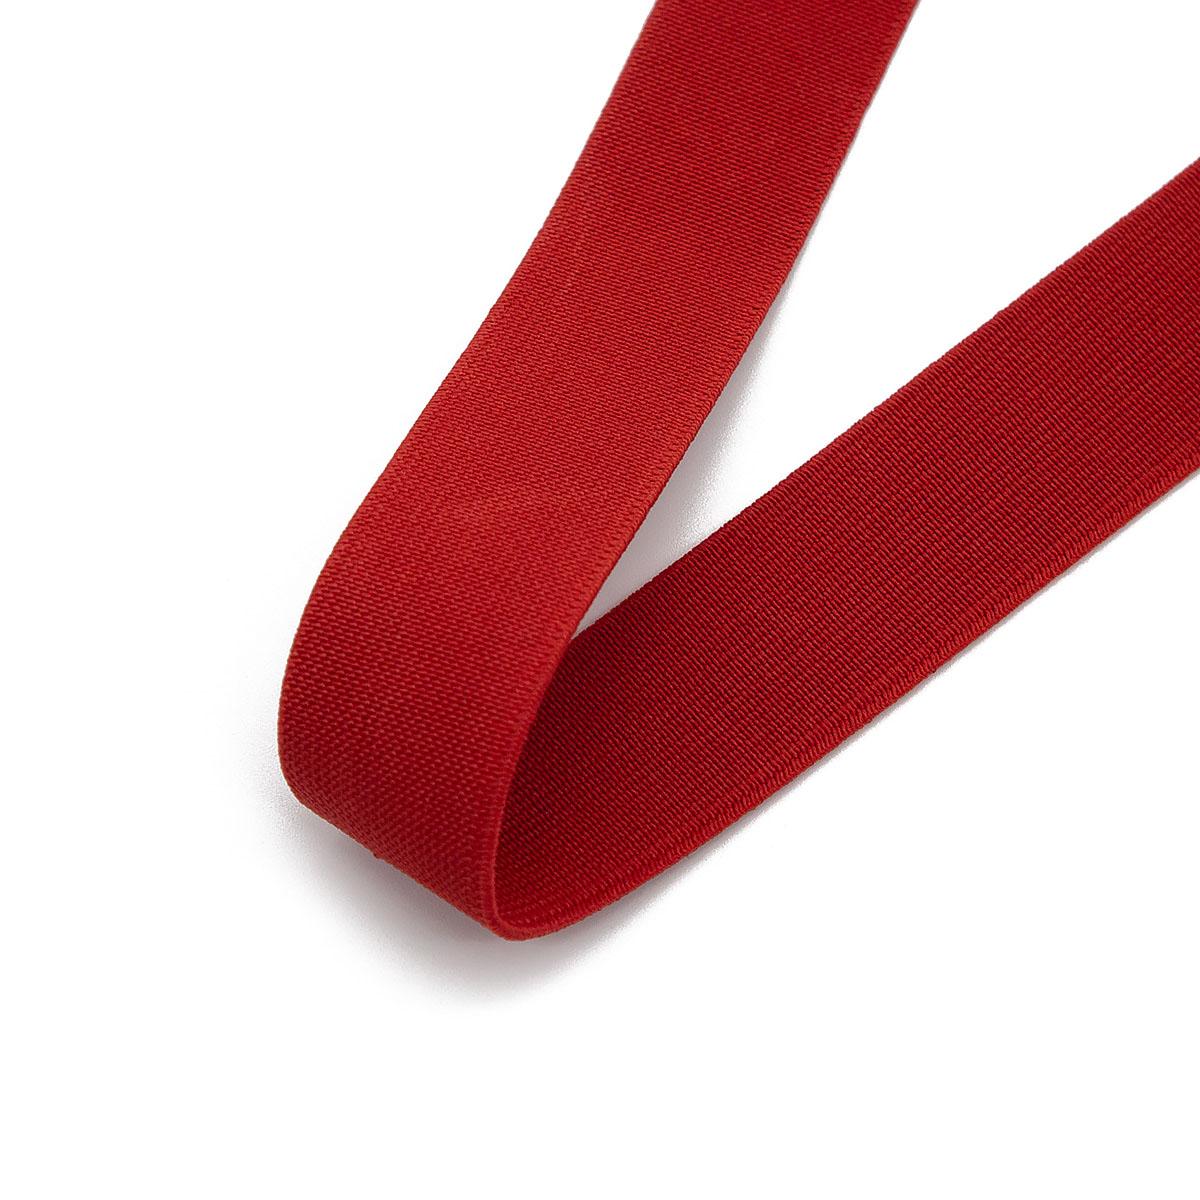 15-3848/9743 Резинка вязаная 25мм*25м красный